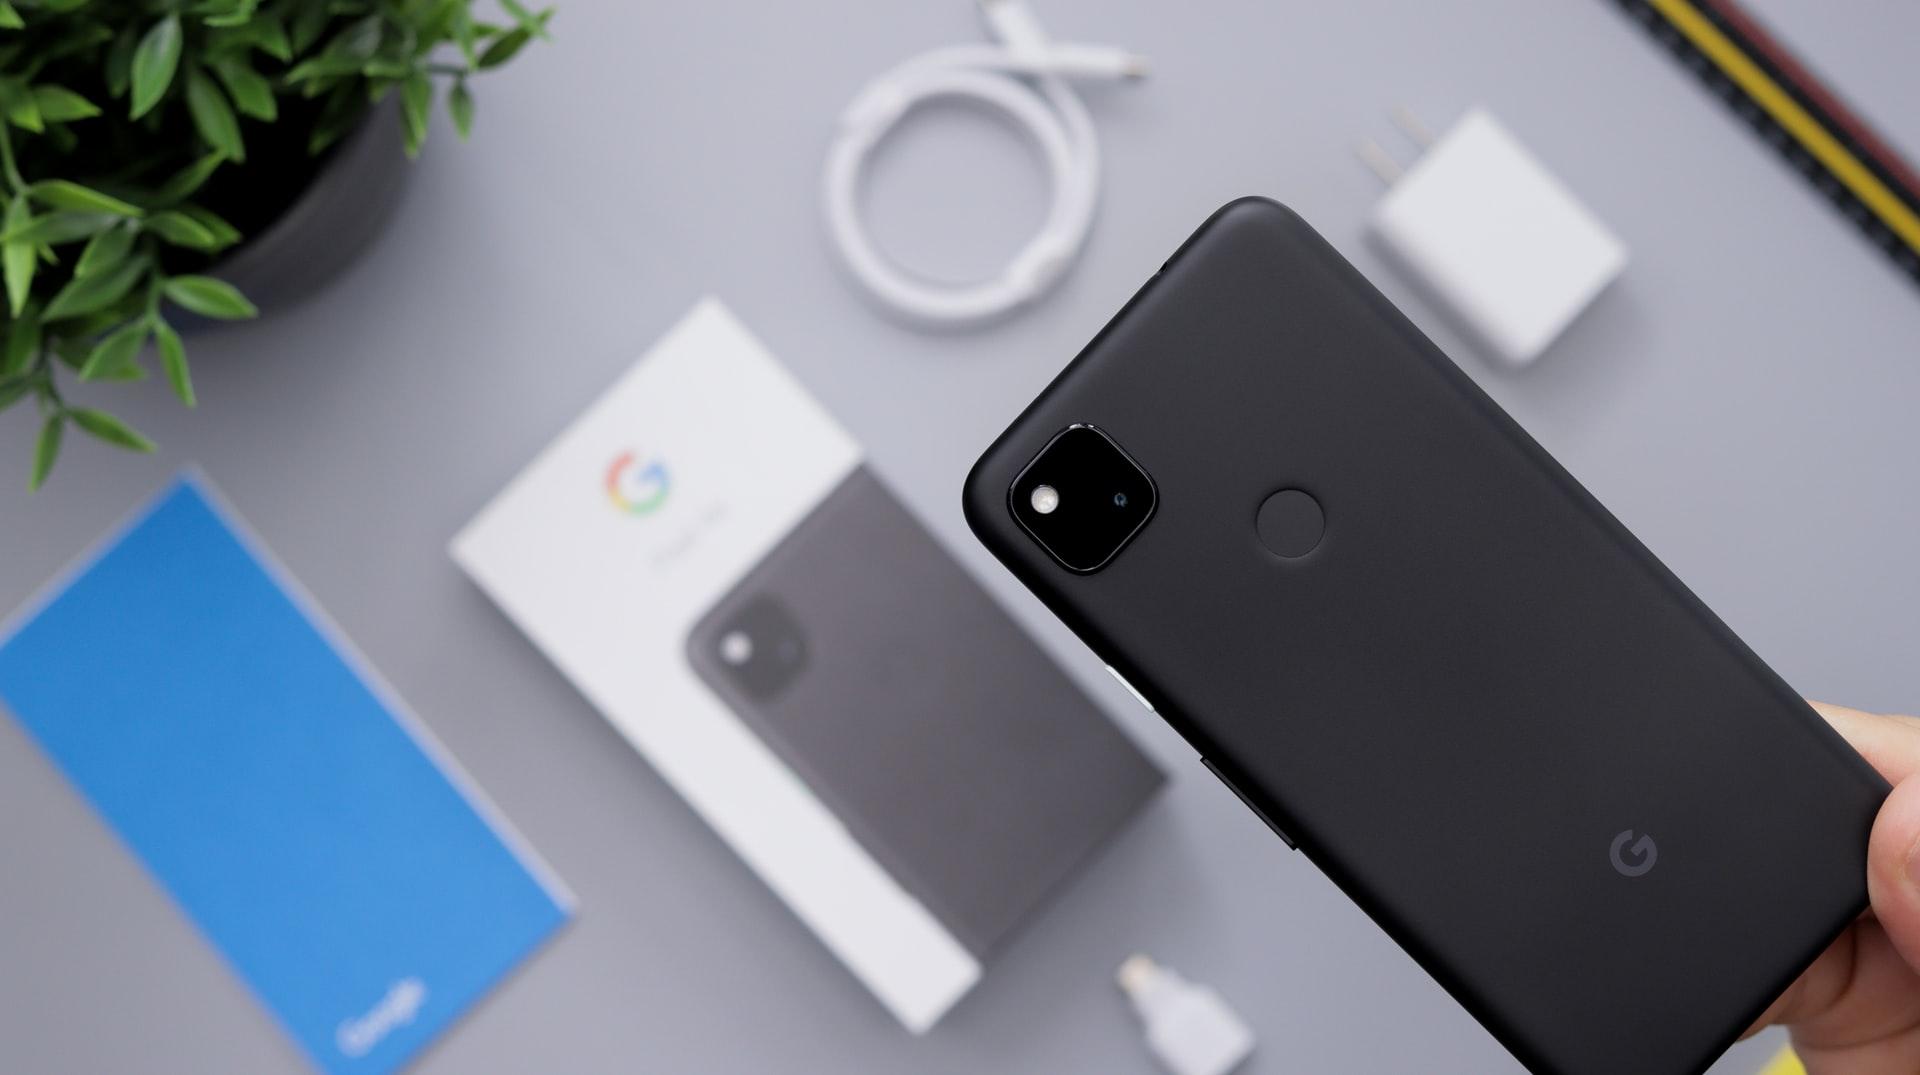 Google Pixel 4a: Tiefpreis im Google Store für nur einen Tag!